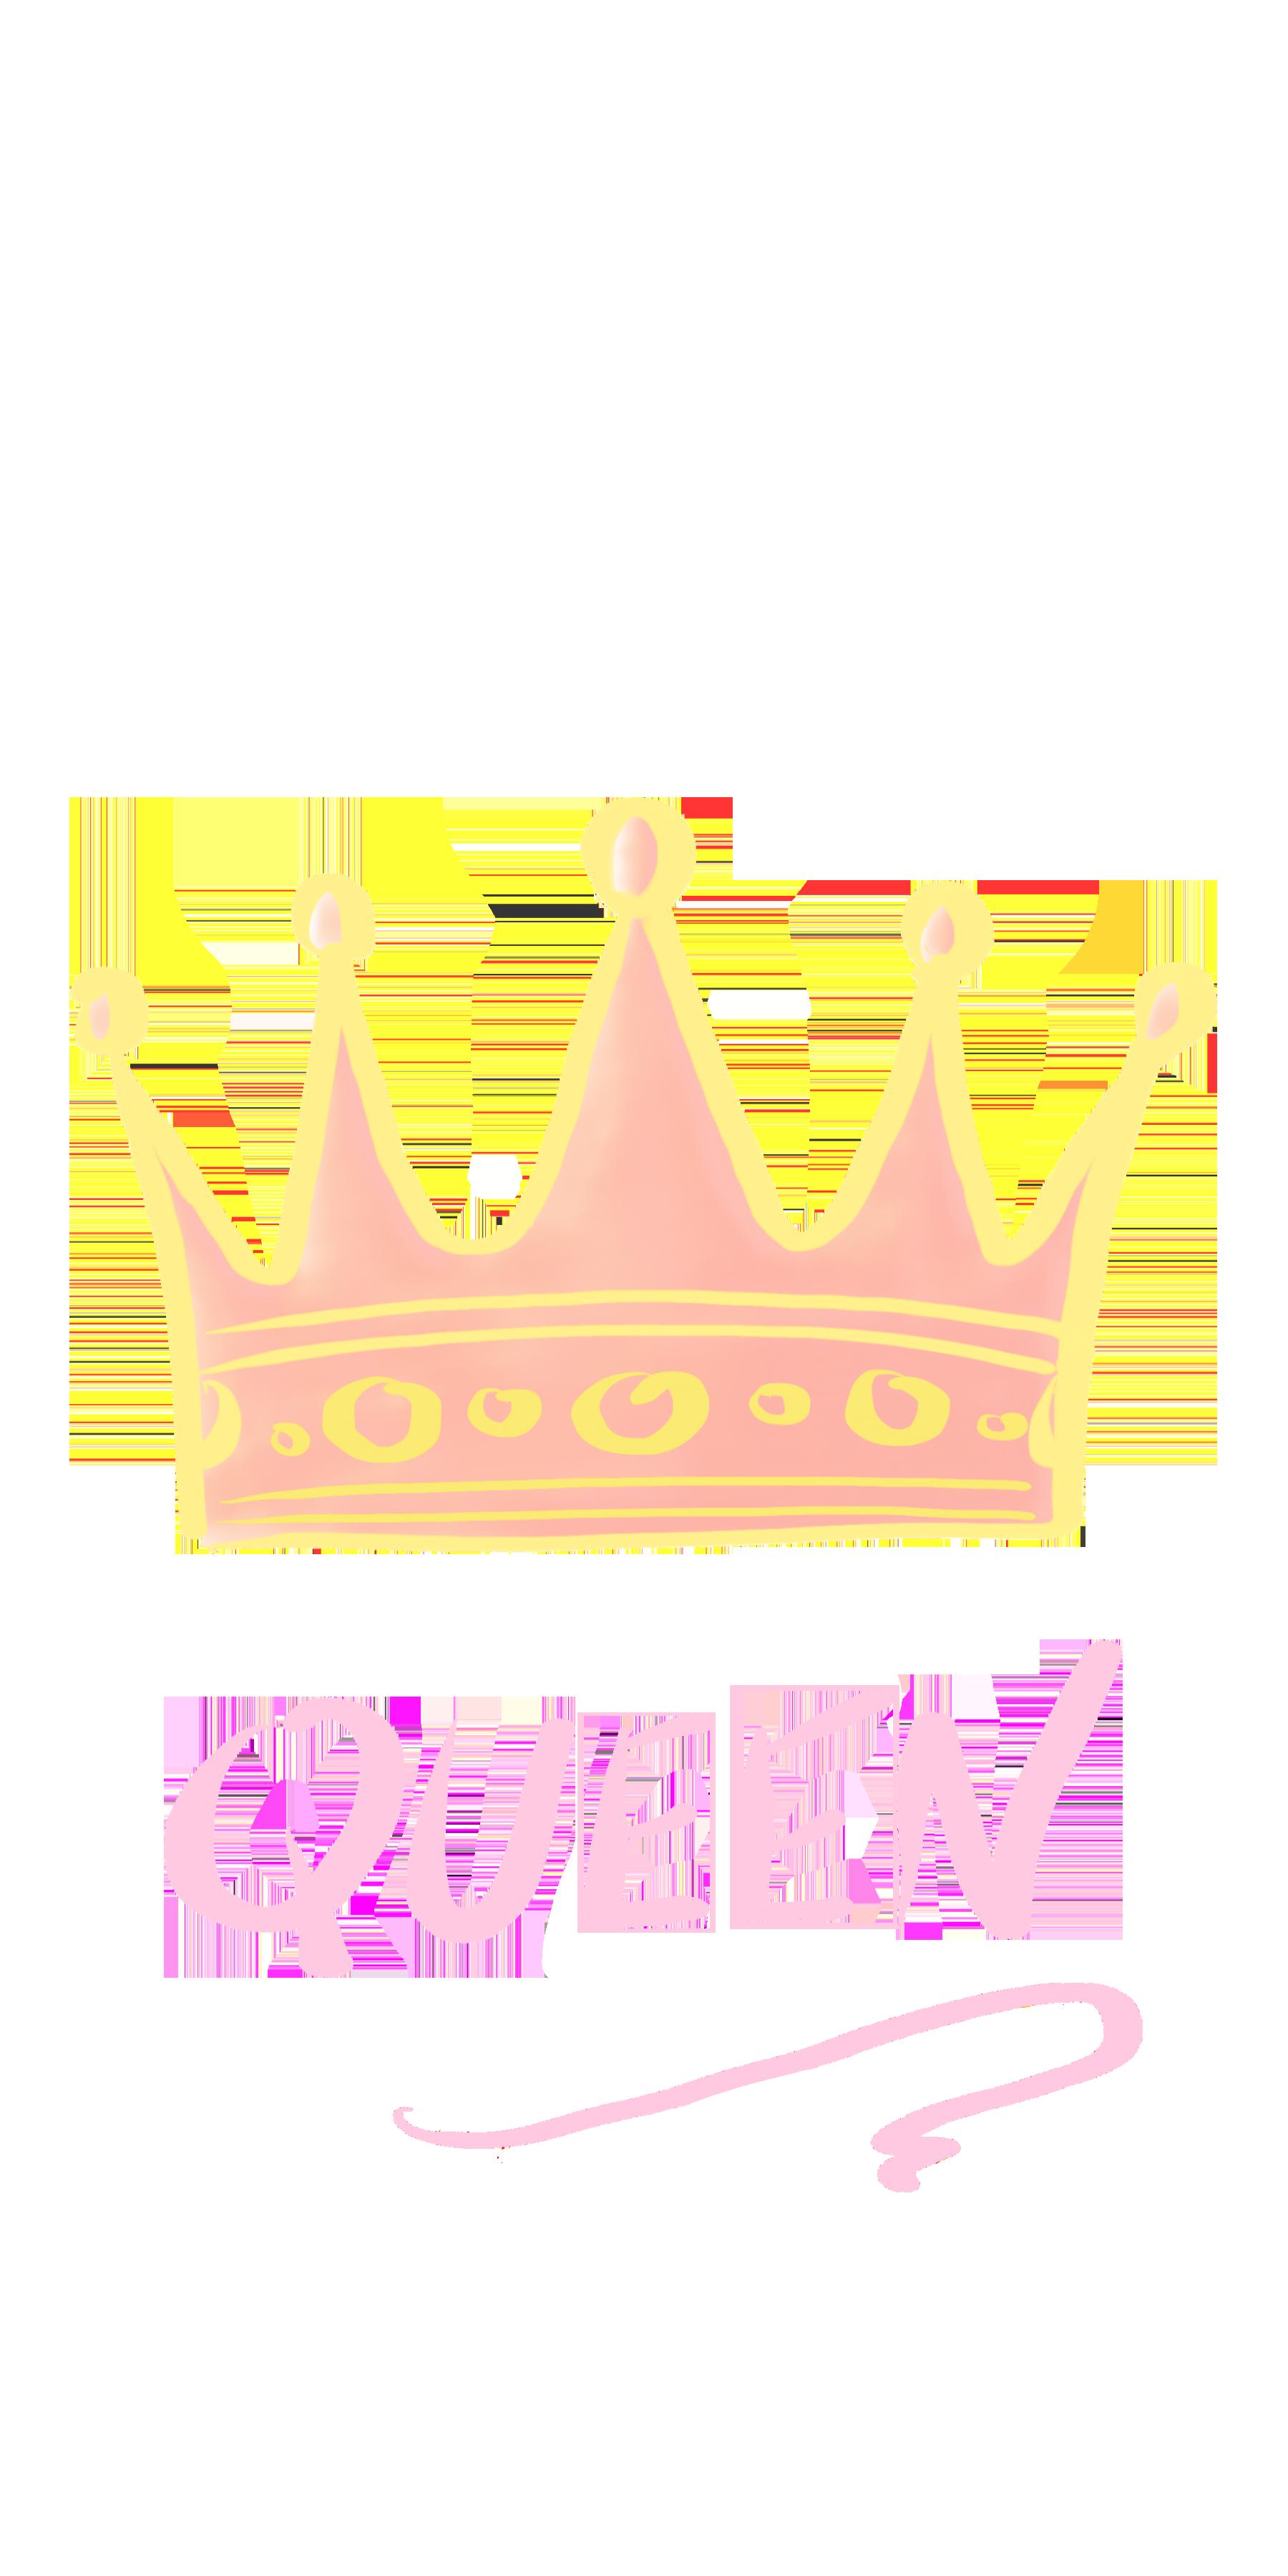 Queen Casetify Iphone Art Design Crown Tiara Illustration Iphone Wallpaper Queen Lock Screen Wallpaper Iphone Pink Wallpaper Iphone